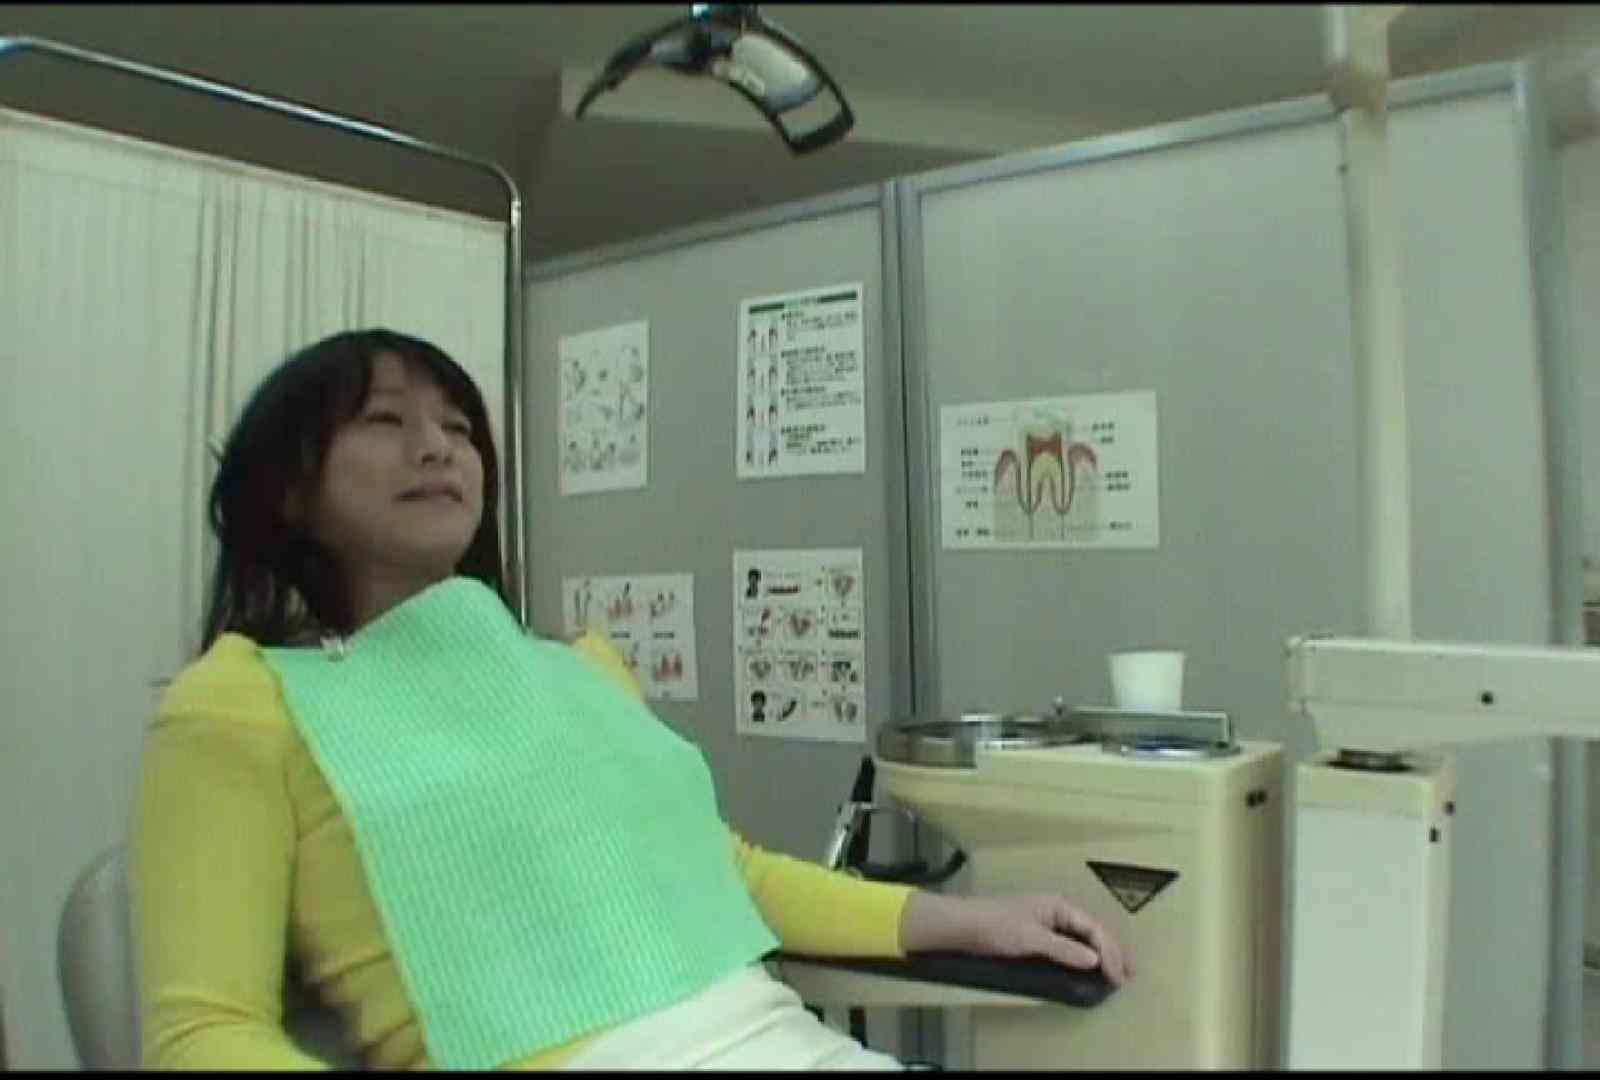 看護師が流出させた歯科医院接写パンツVol.5 ミニスカート 盗み撮りSEX無修正画像 49画像 41